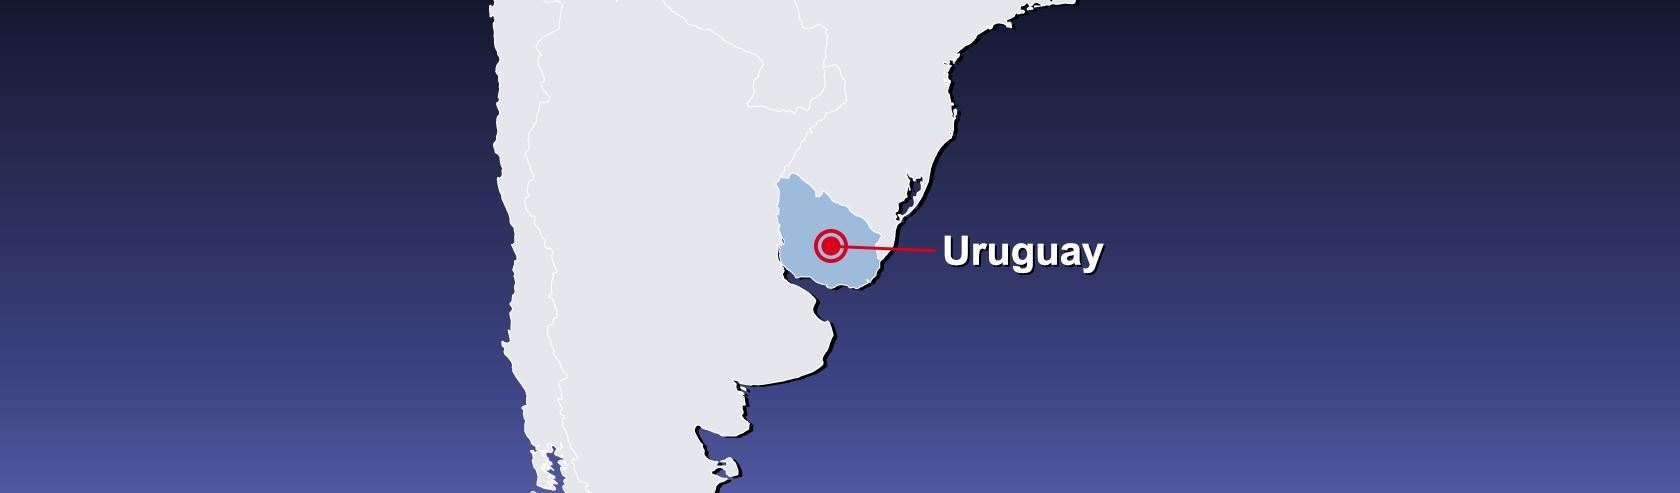 Transport-Uruguay